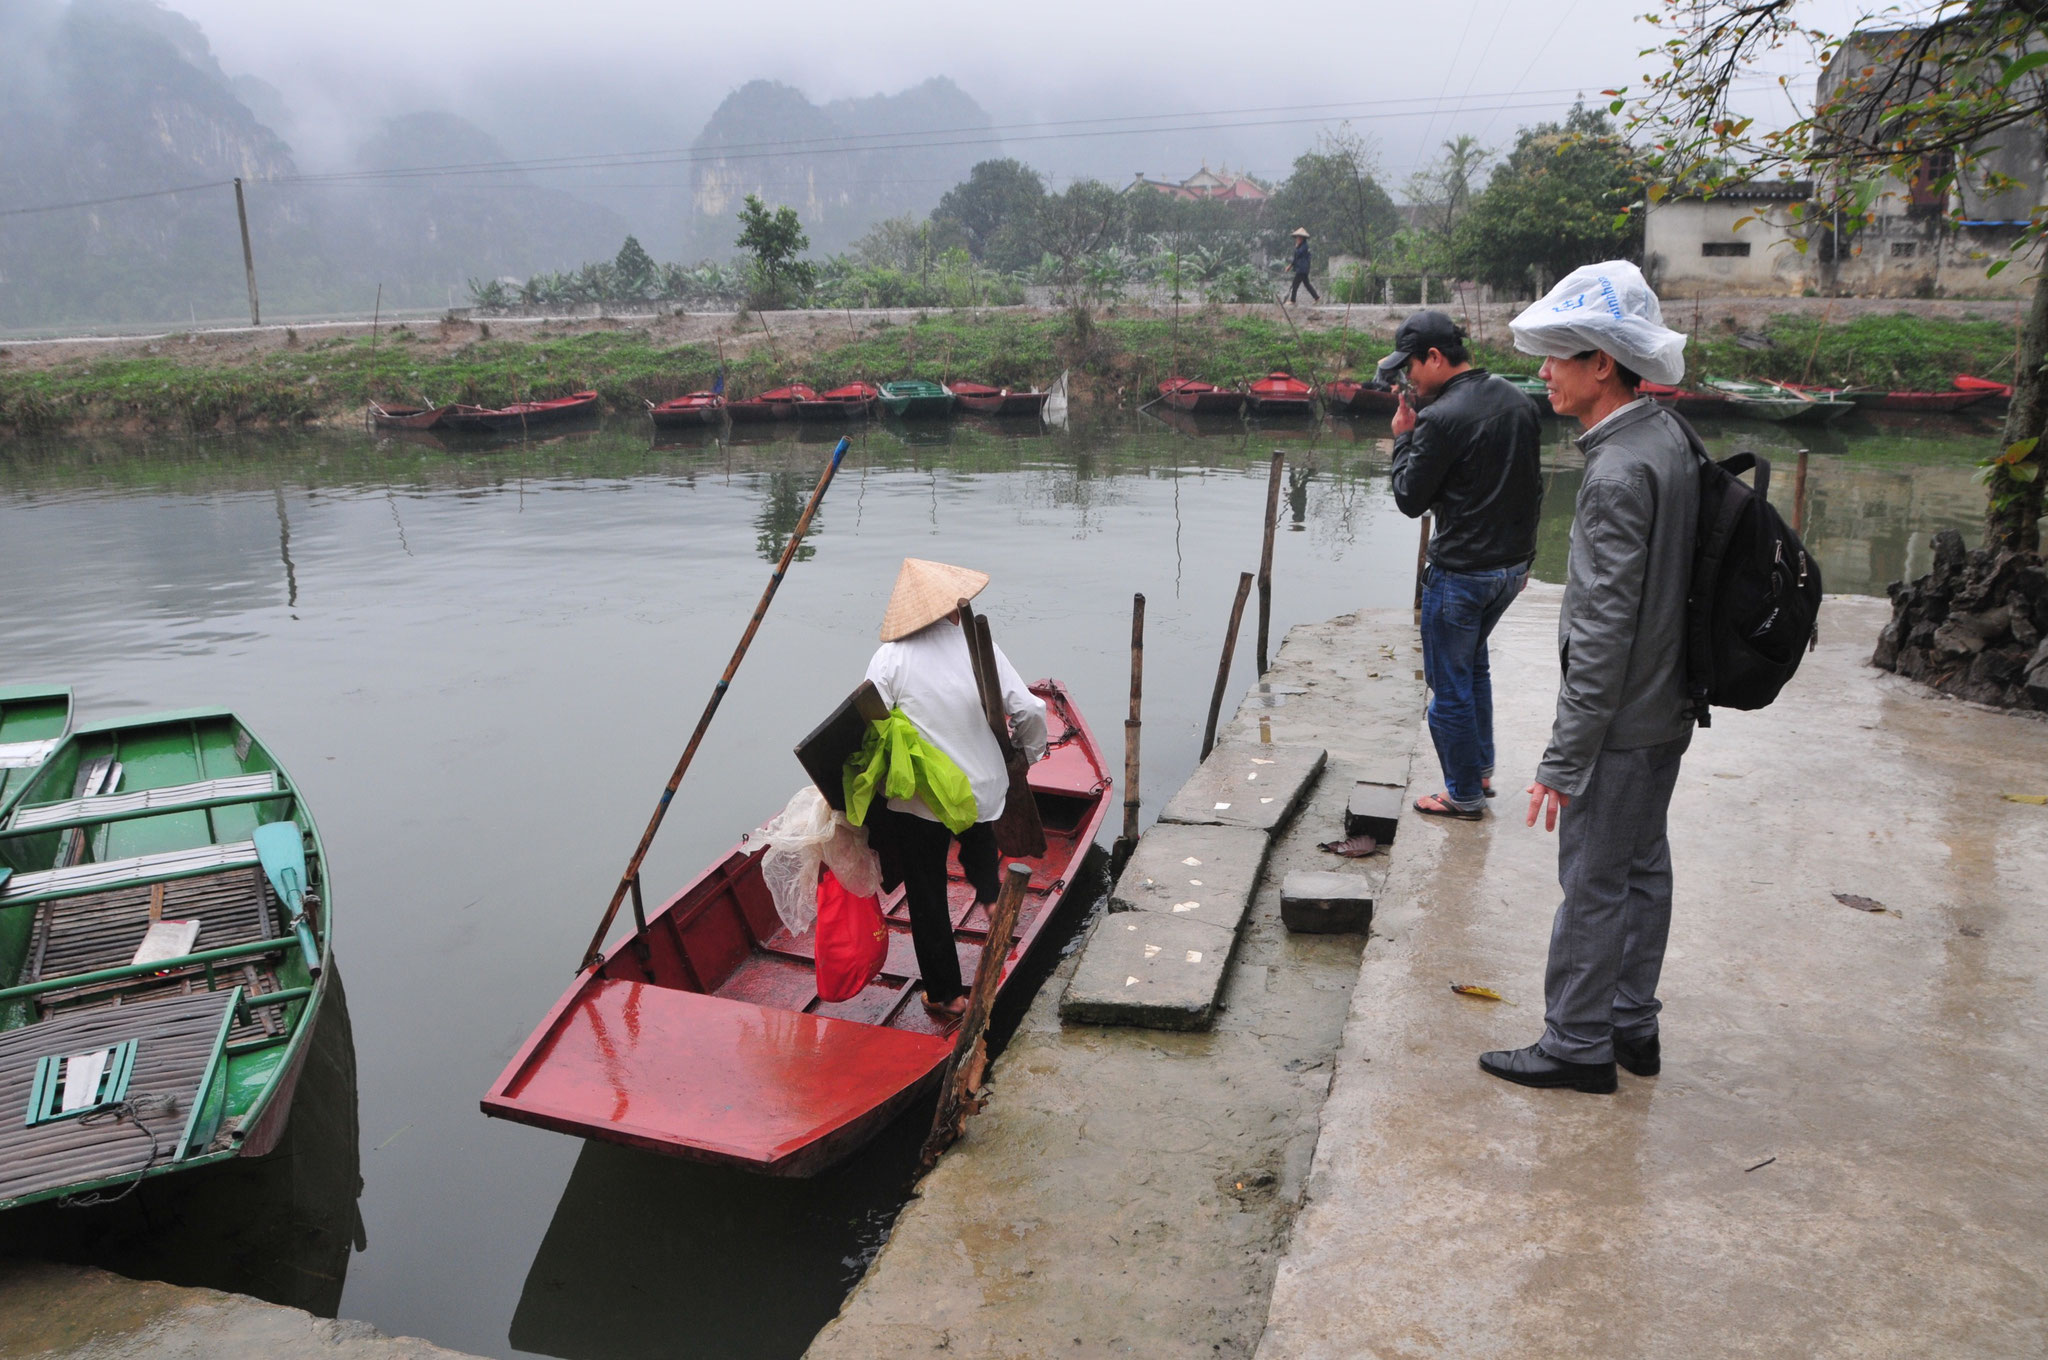 Danach geht mit dem Ruderboot zu den Tam Coc Höhlen